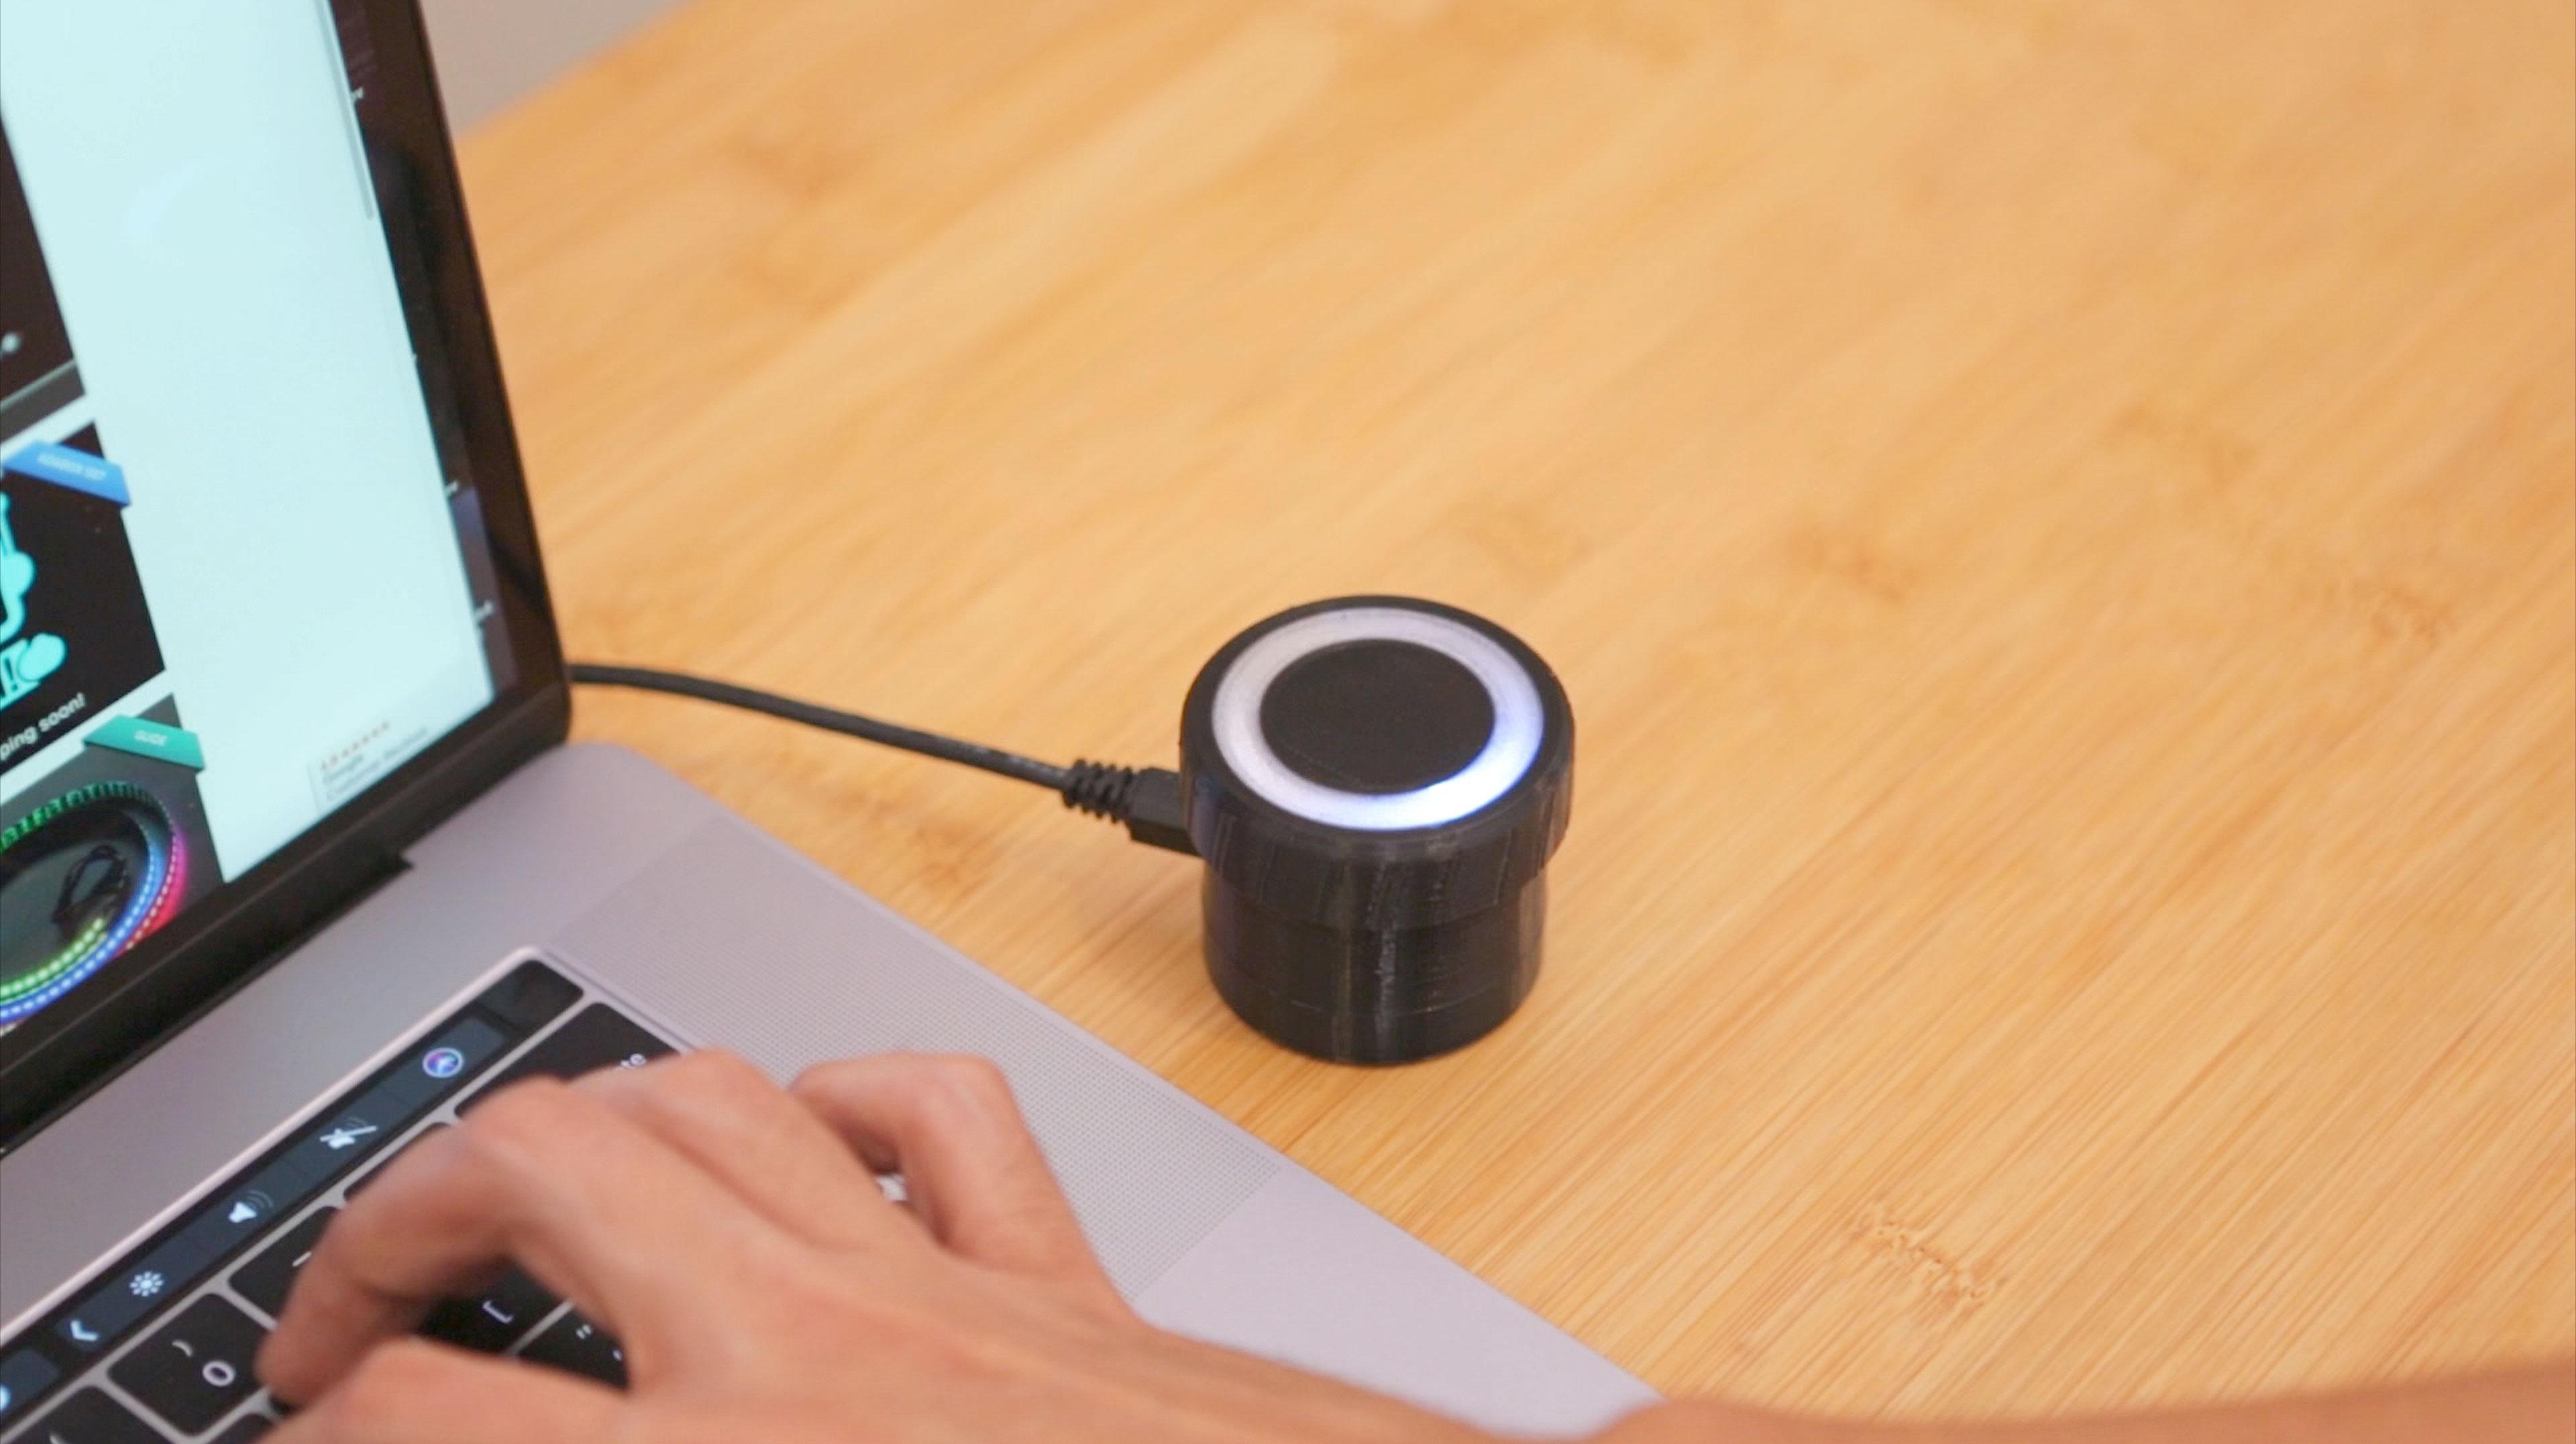 3d_printing_hero-on-desk.jpg